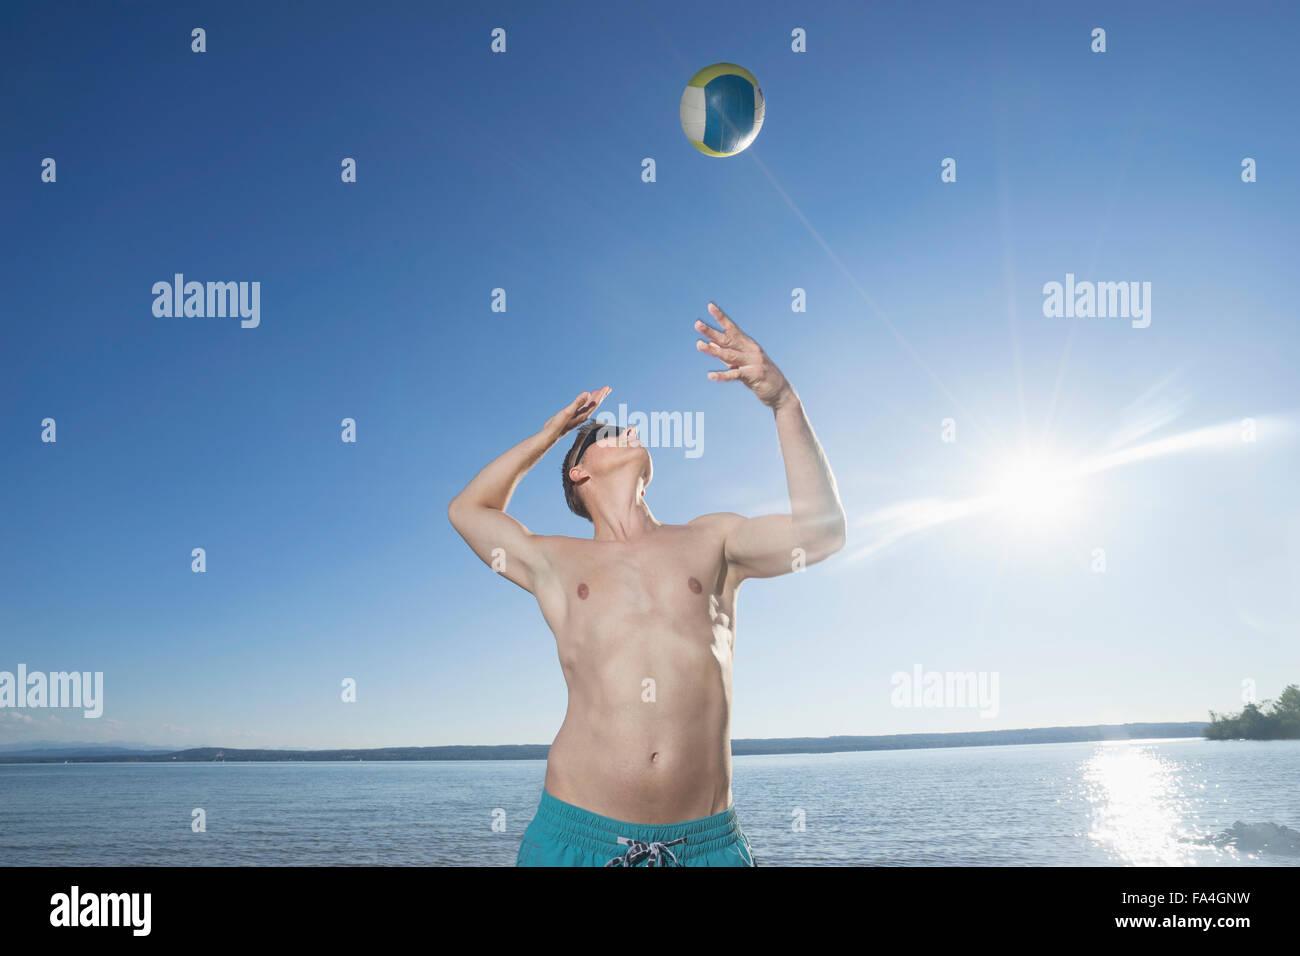 Reifer Mann, Volleyball spielen, auf der See, Bayern, Deutschland Stockbild